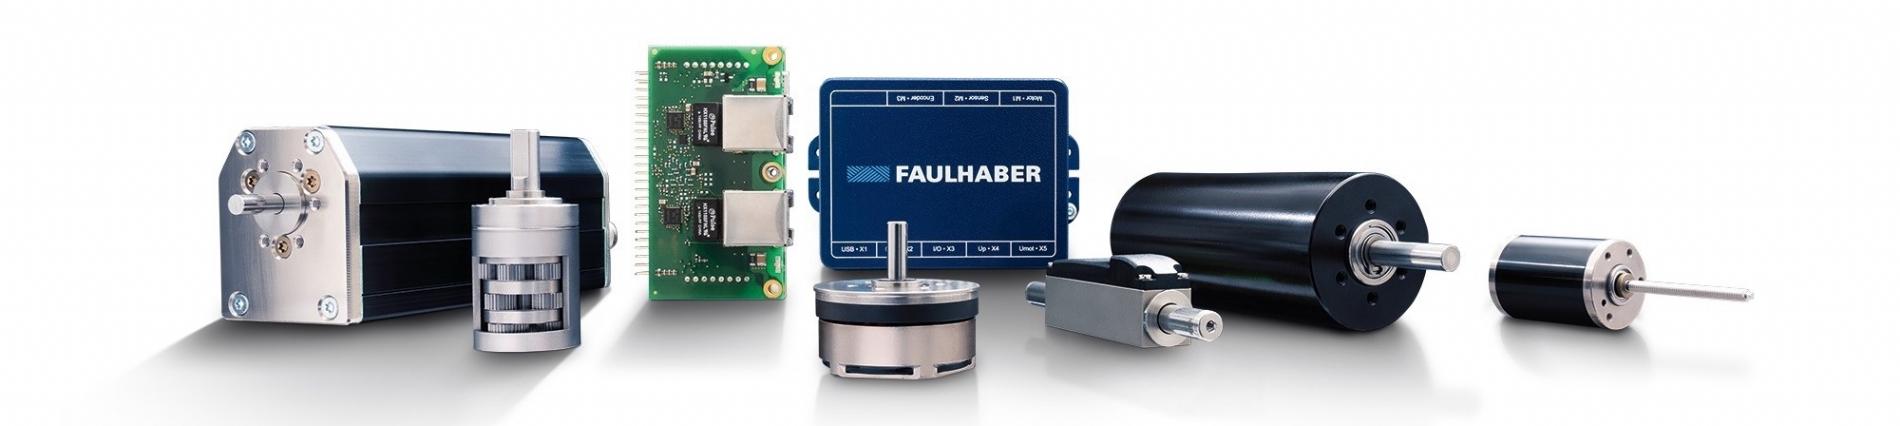 FAULHABER Sistemi di azionamento per la robotica e l'automazione